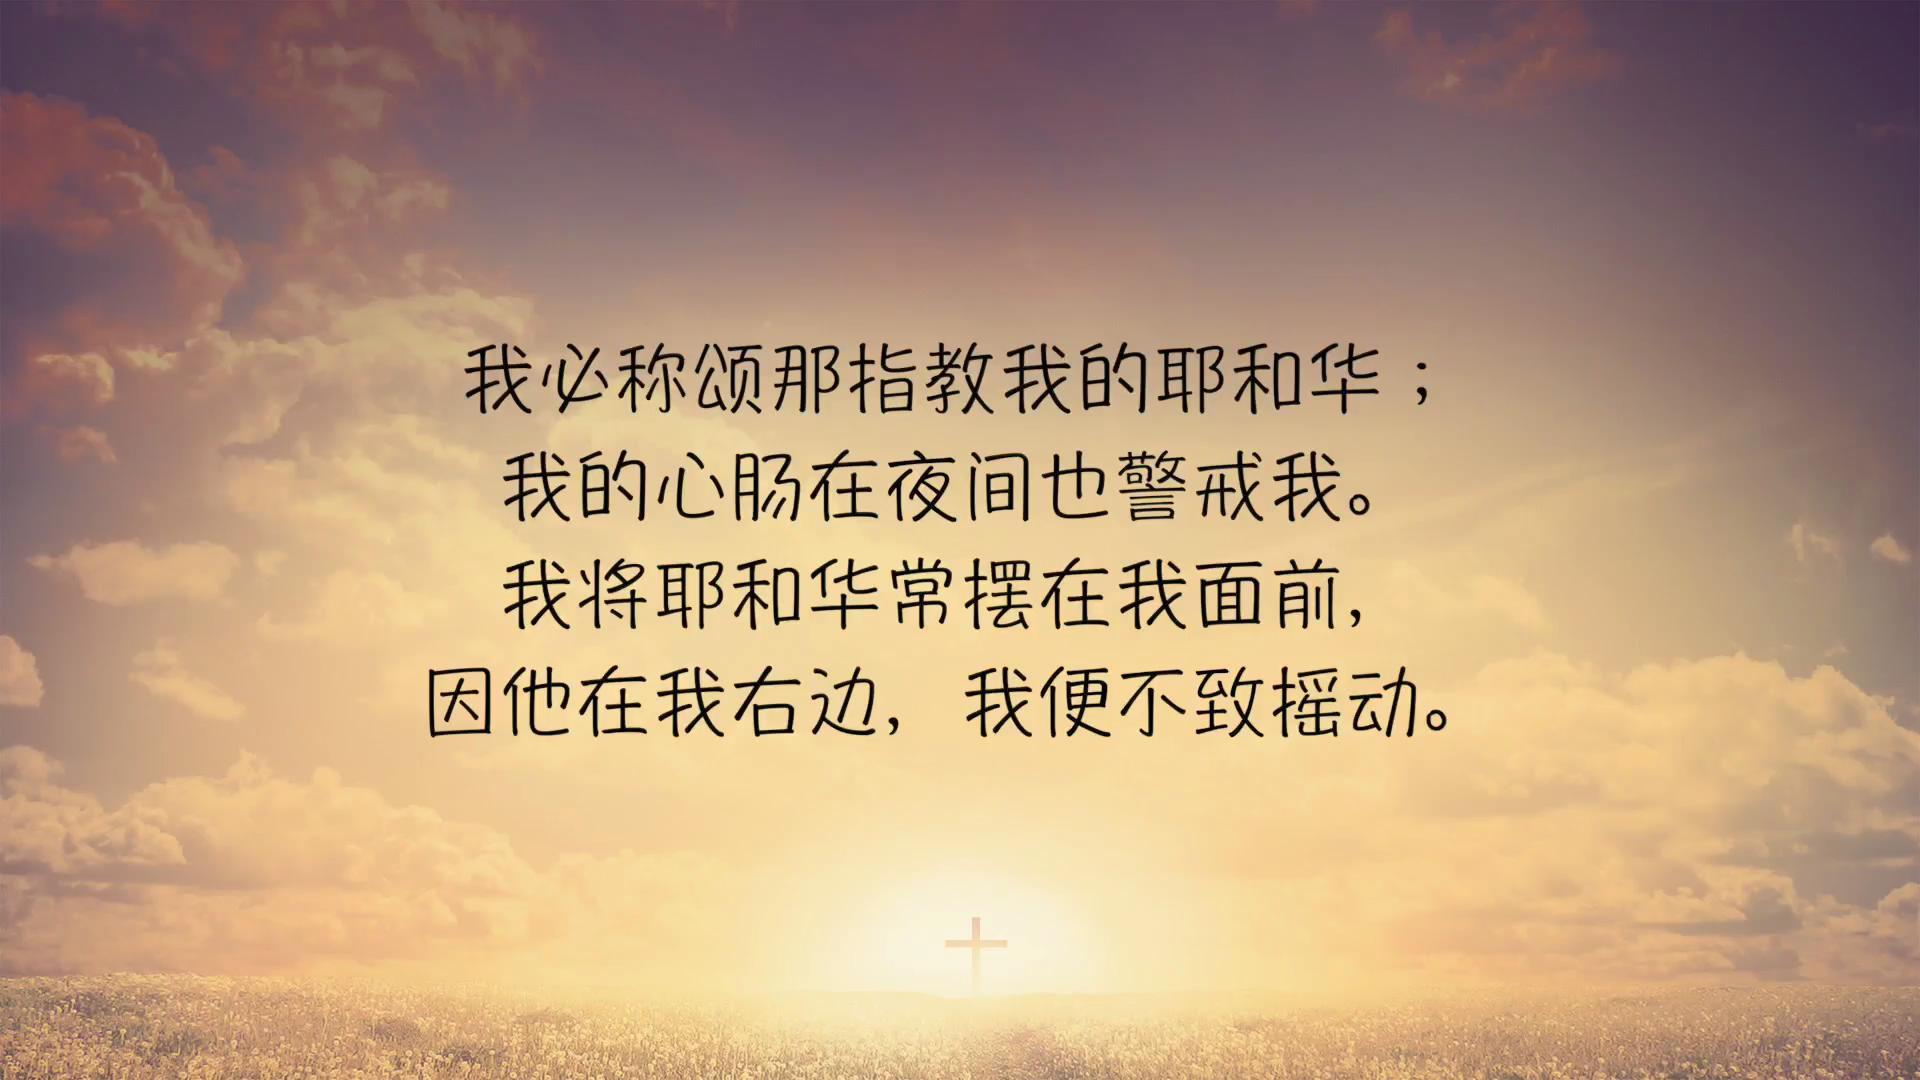 圣经三分钟 诗篇16续_20181218212449.JPG